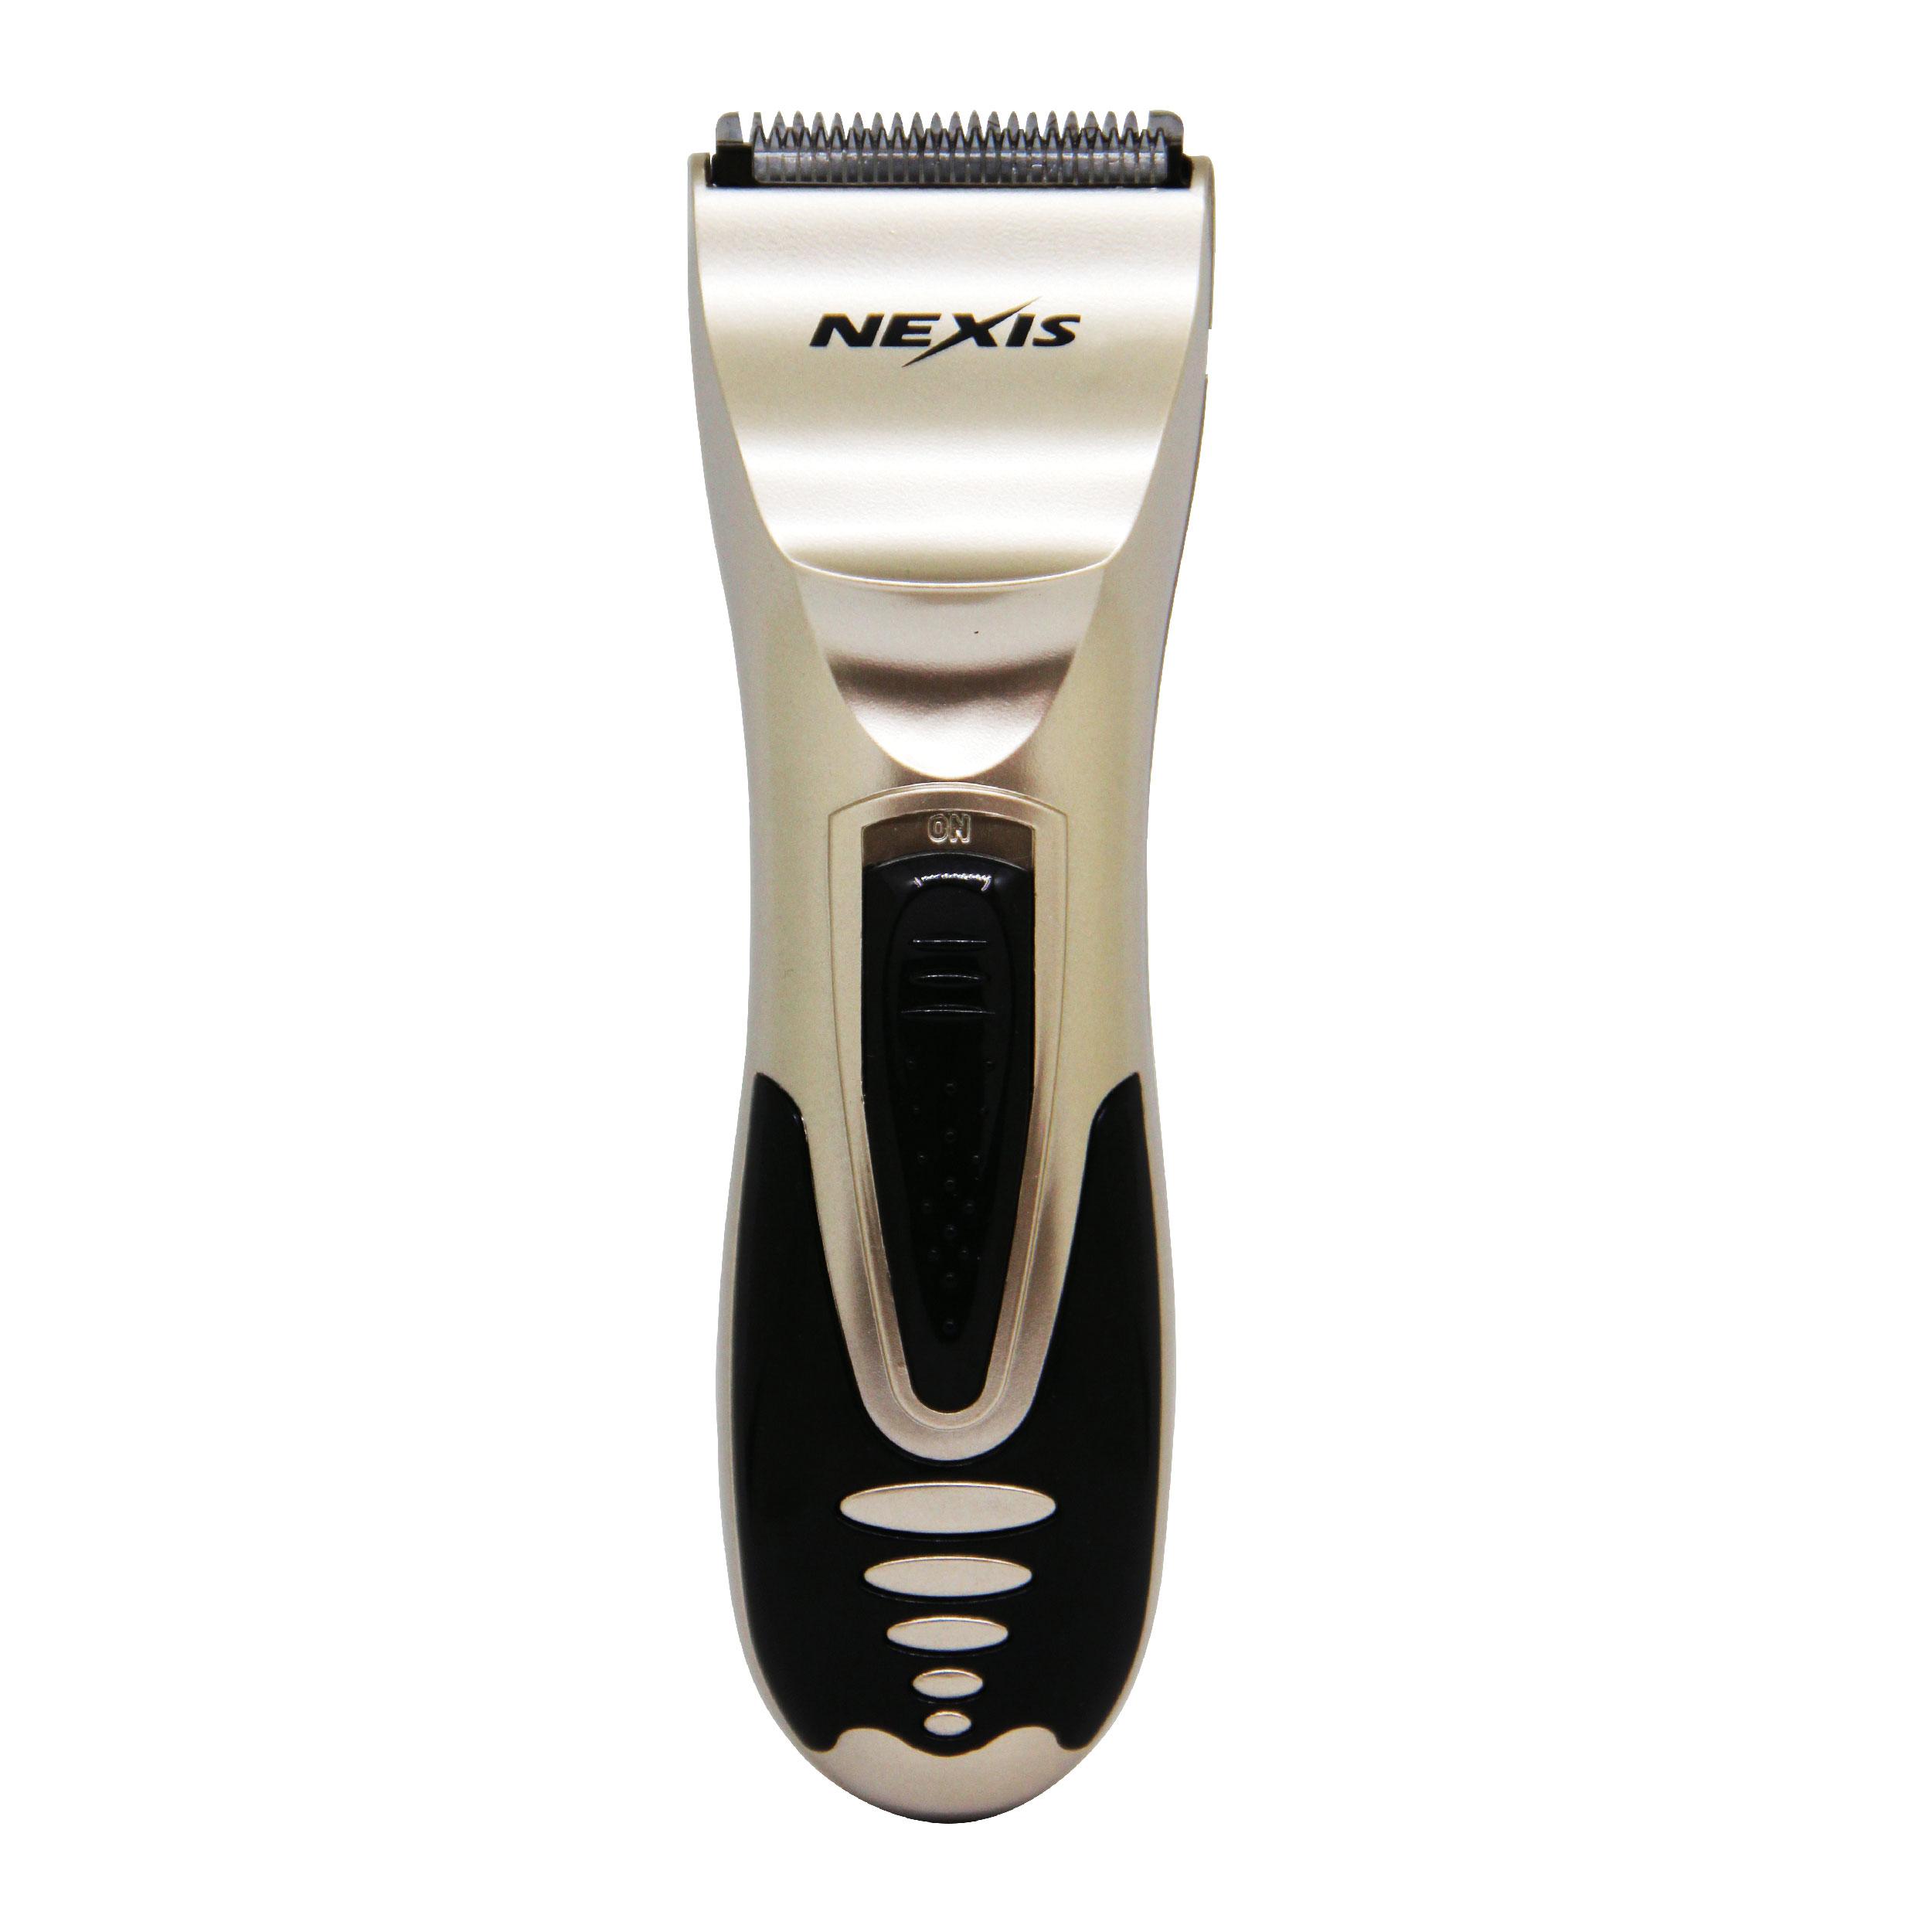 Tông đơ điện cắt tóc Nexis - Hàng nhập khẩu